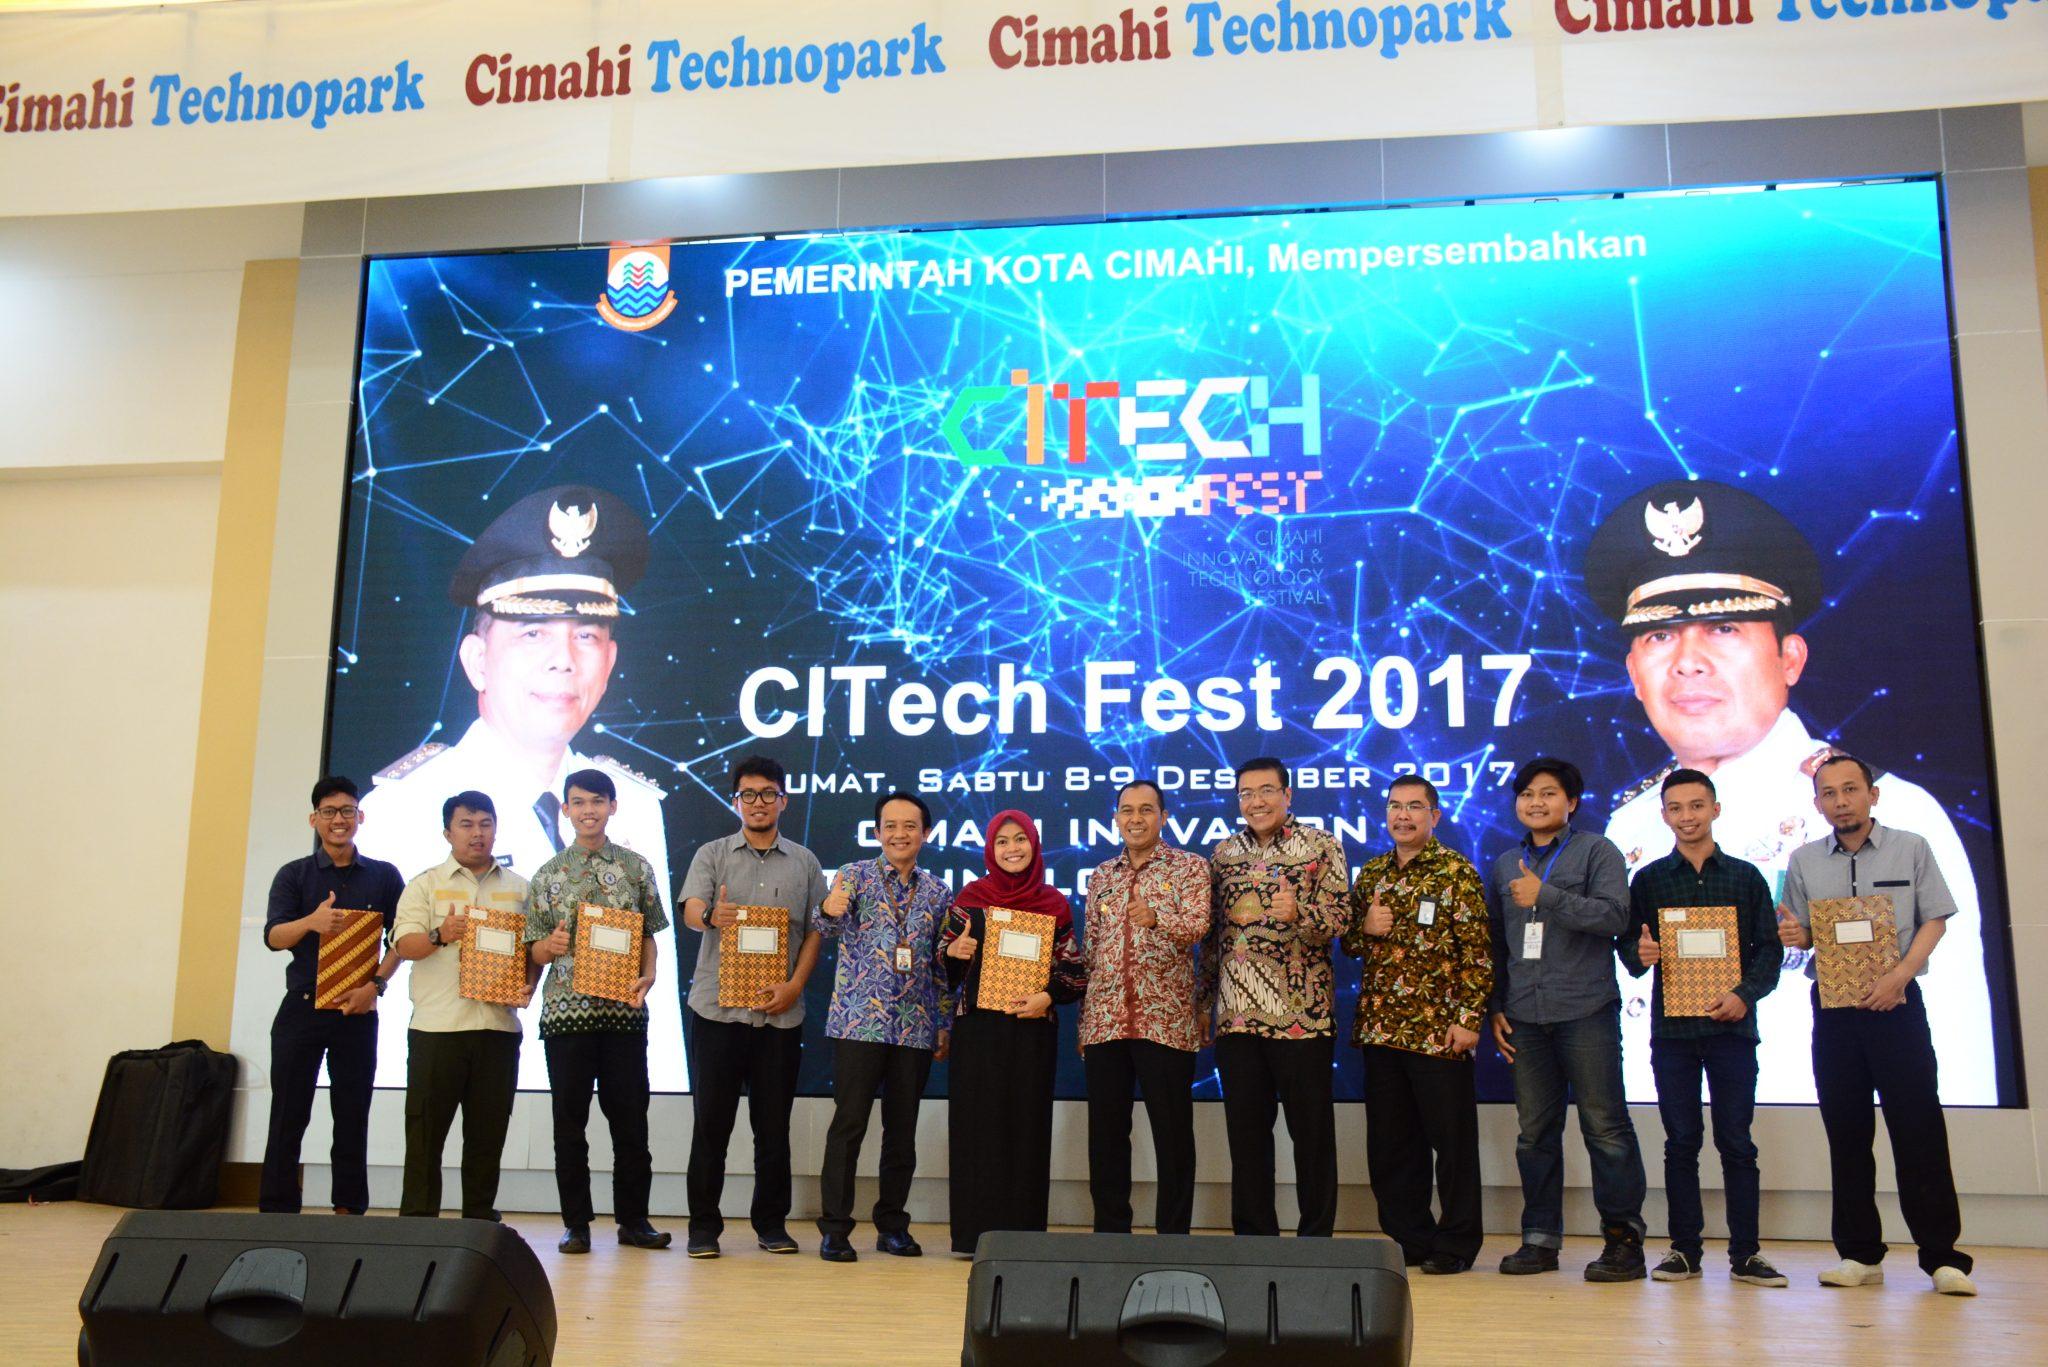 FESTIVAL TEKNOLOGI PERTAMA DI KOTA CIMAHI CITECH FEST 2017